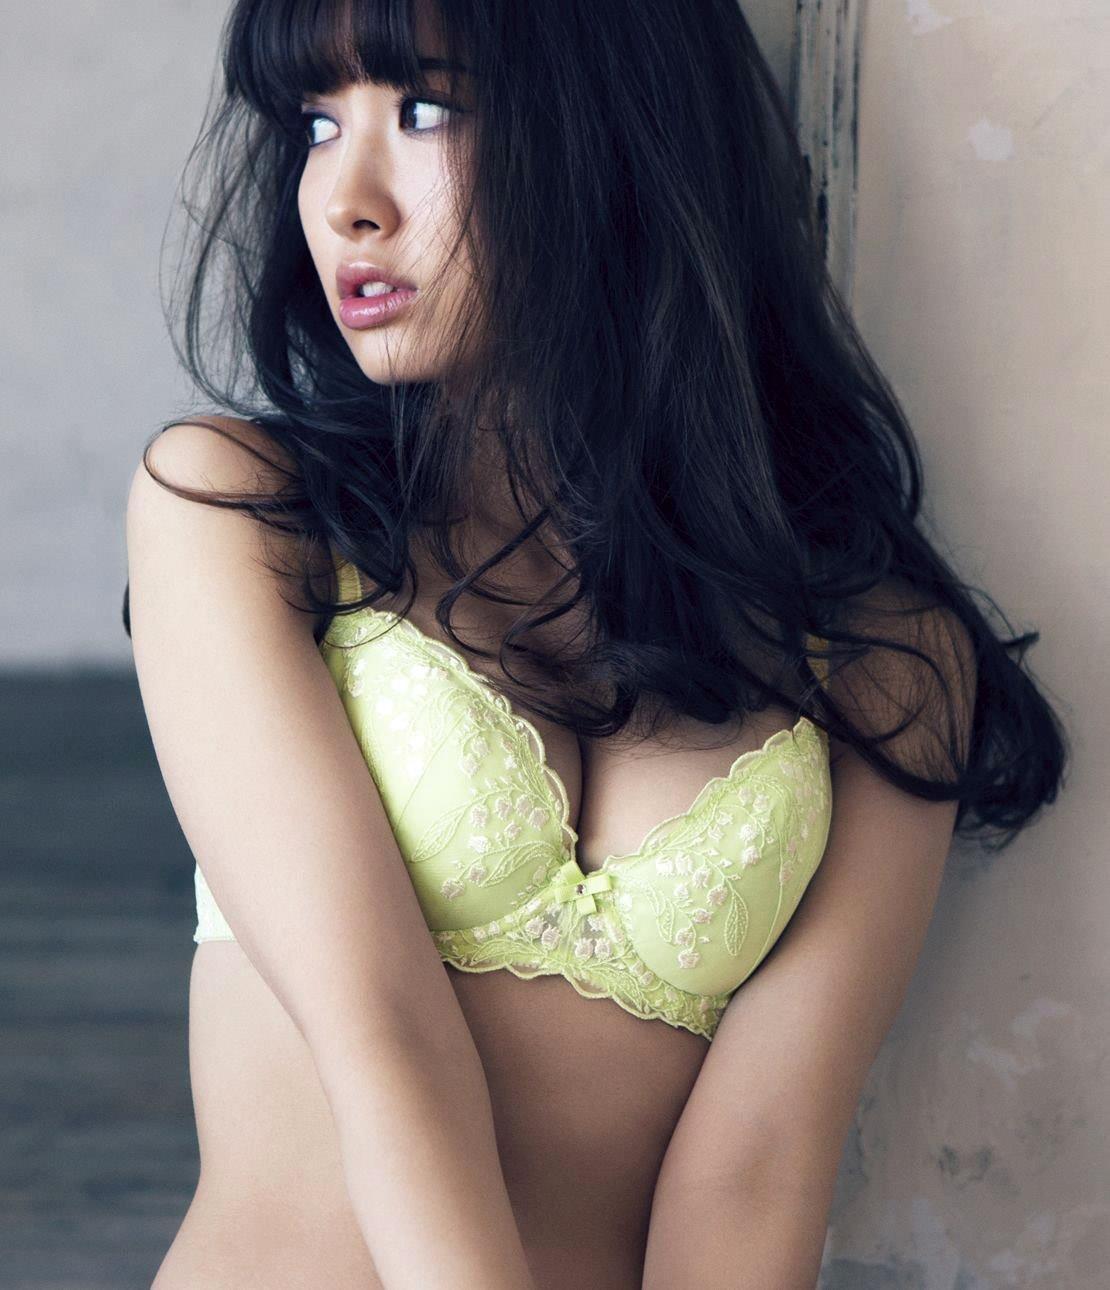 小嶋陽菜 画像 84